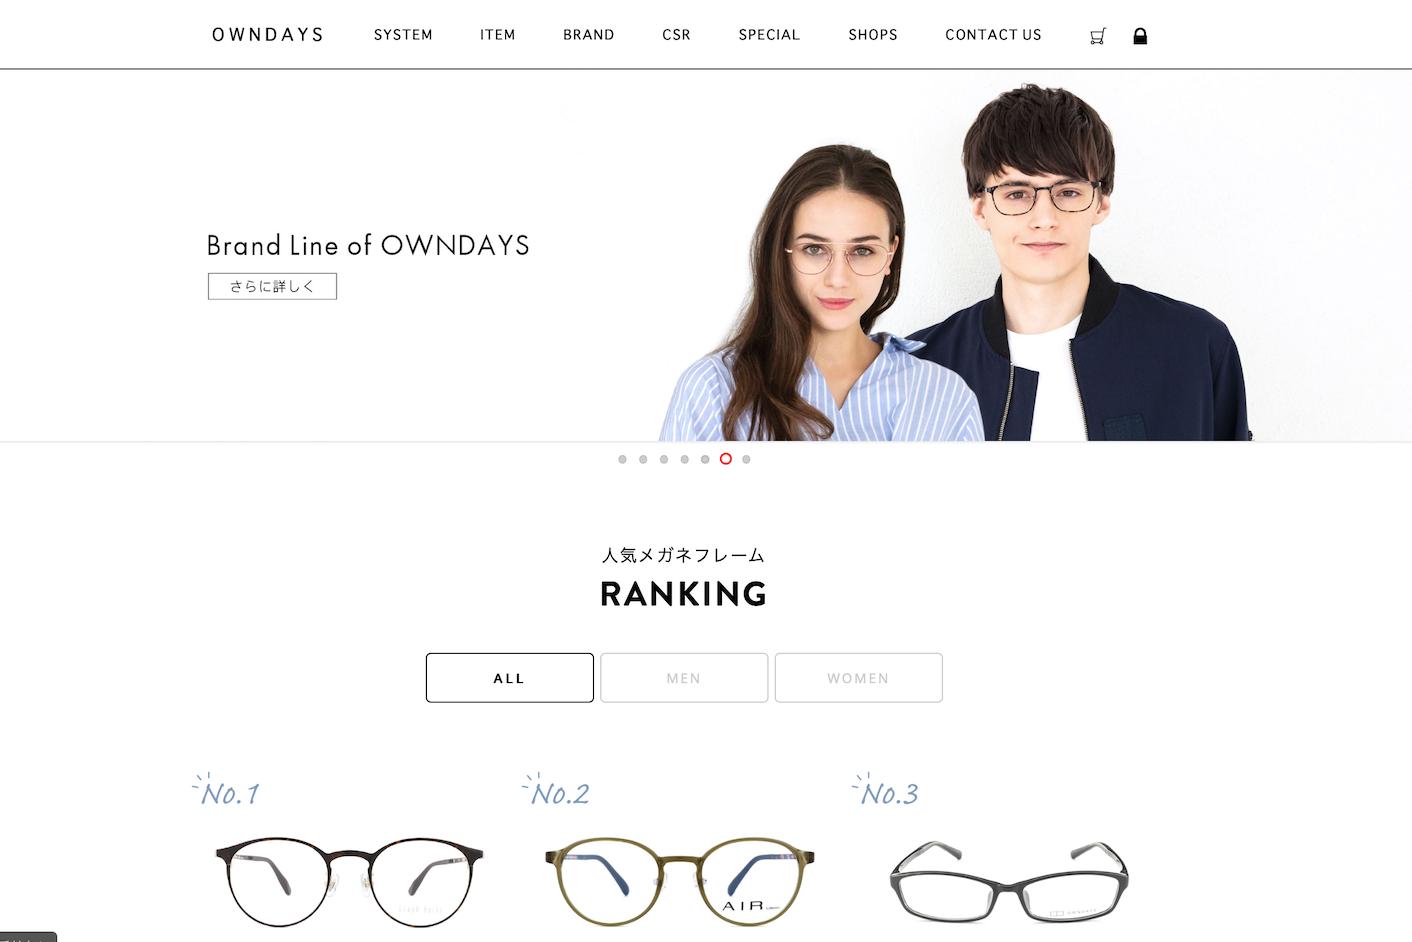 L Catterton Asia 联手三井集团收购日本快时尚眼镜品牌 Owndays,未来五年新增500家门店